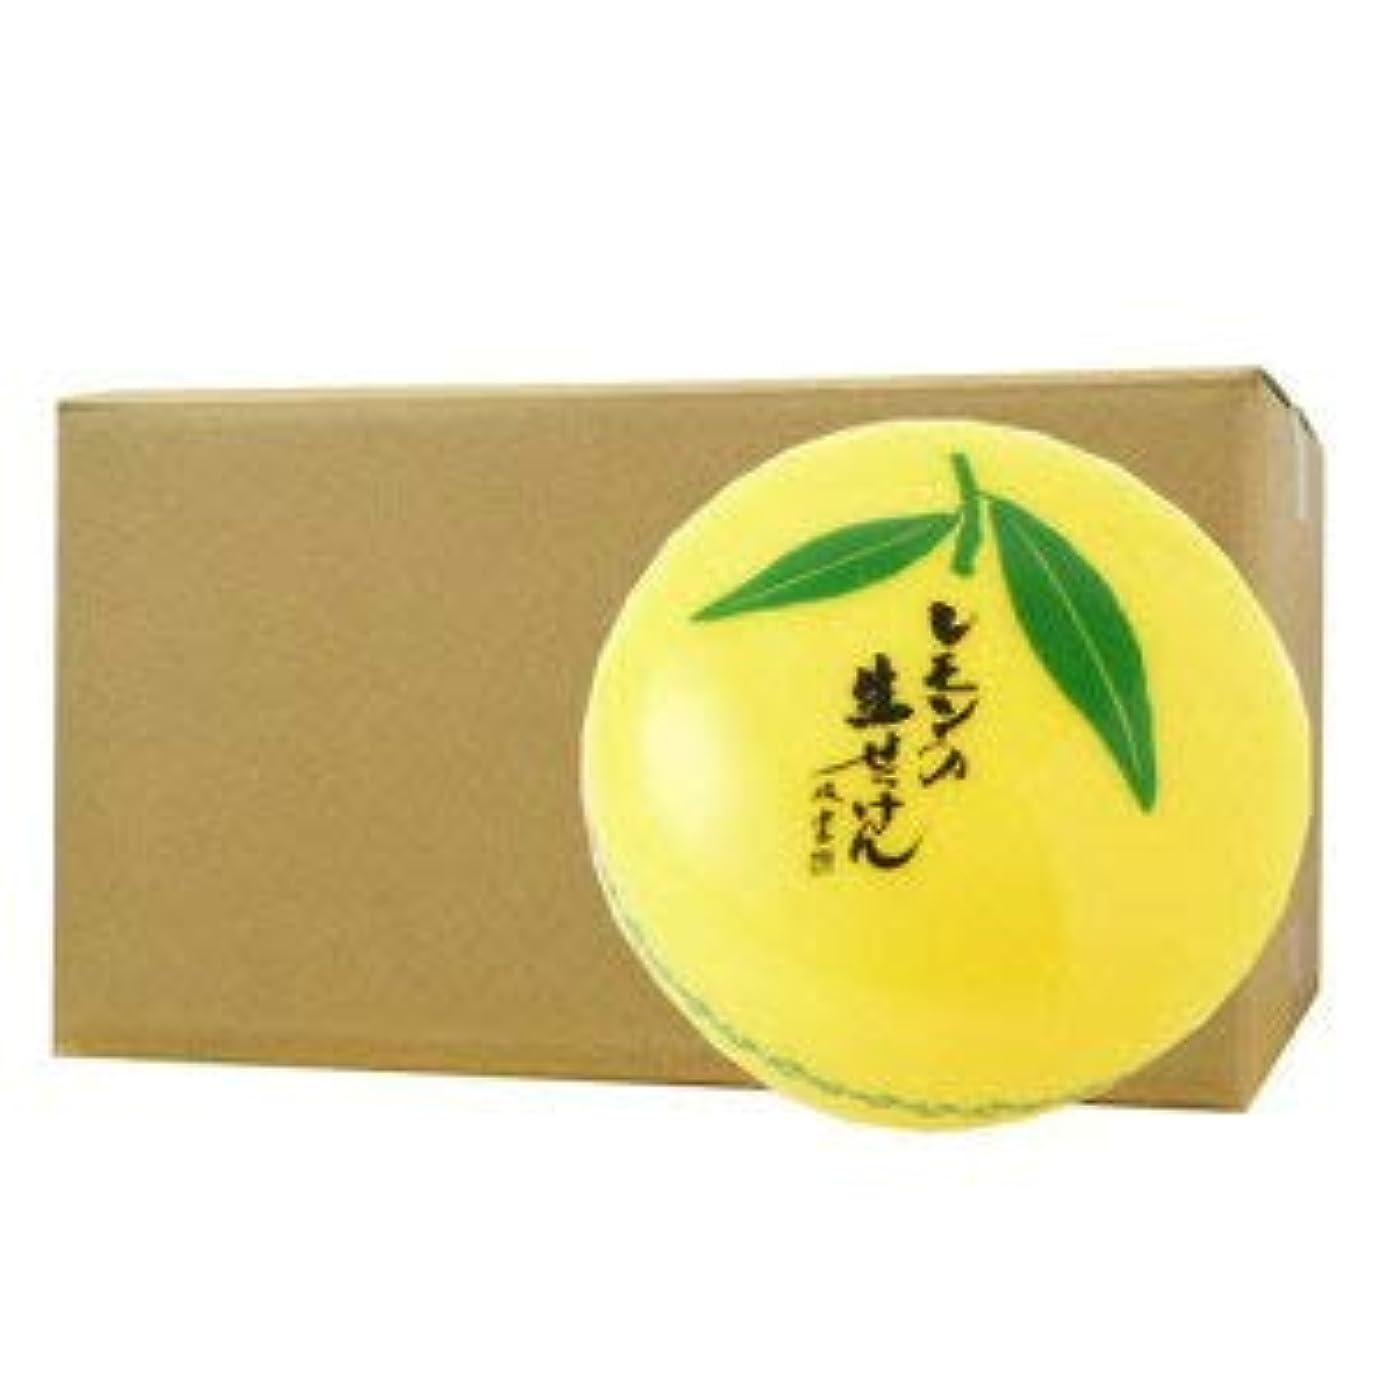 天才シロクマ許すUYEKI美香柑レモンの生せっけん50g×72個セット